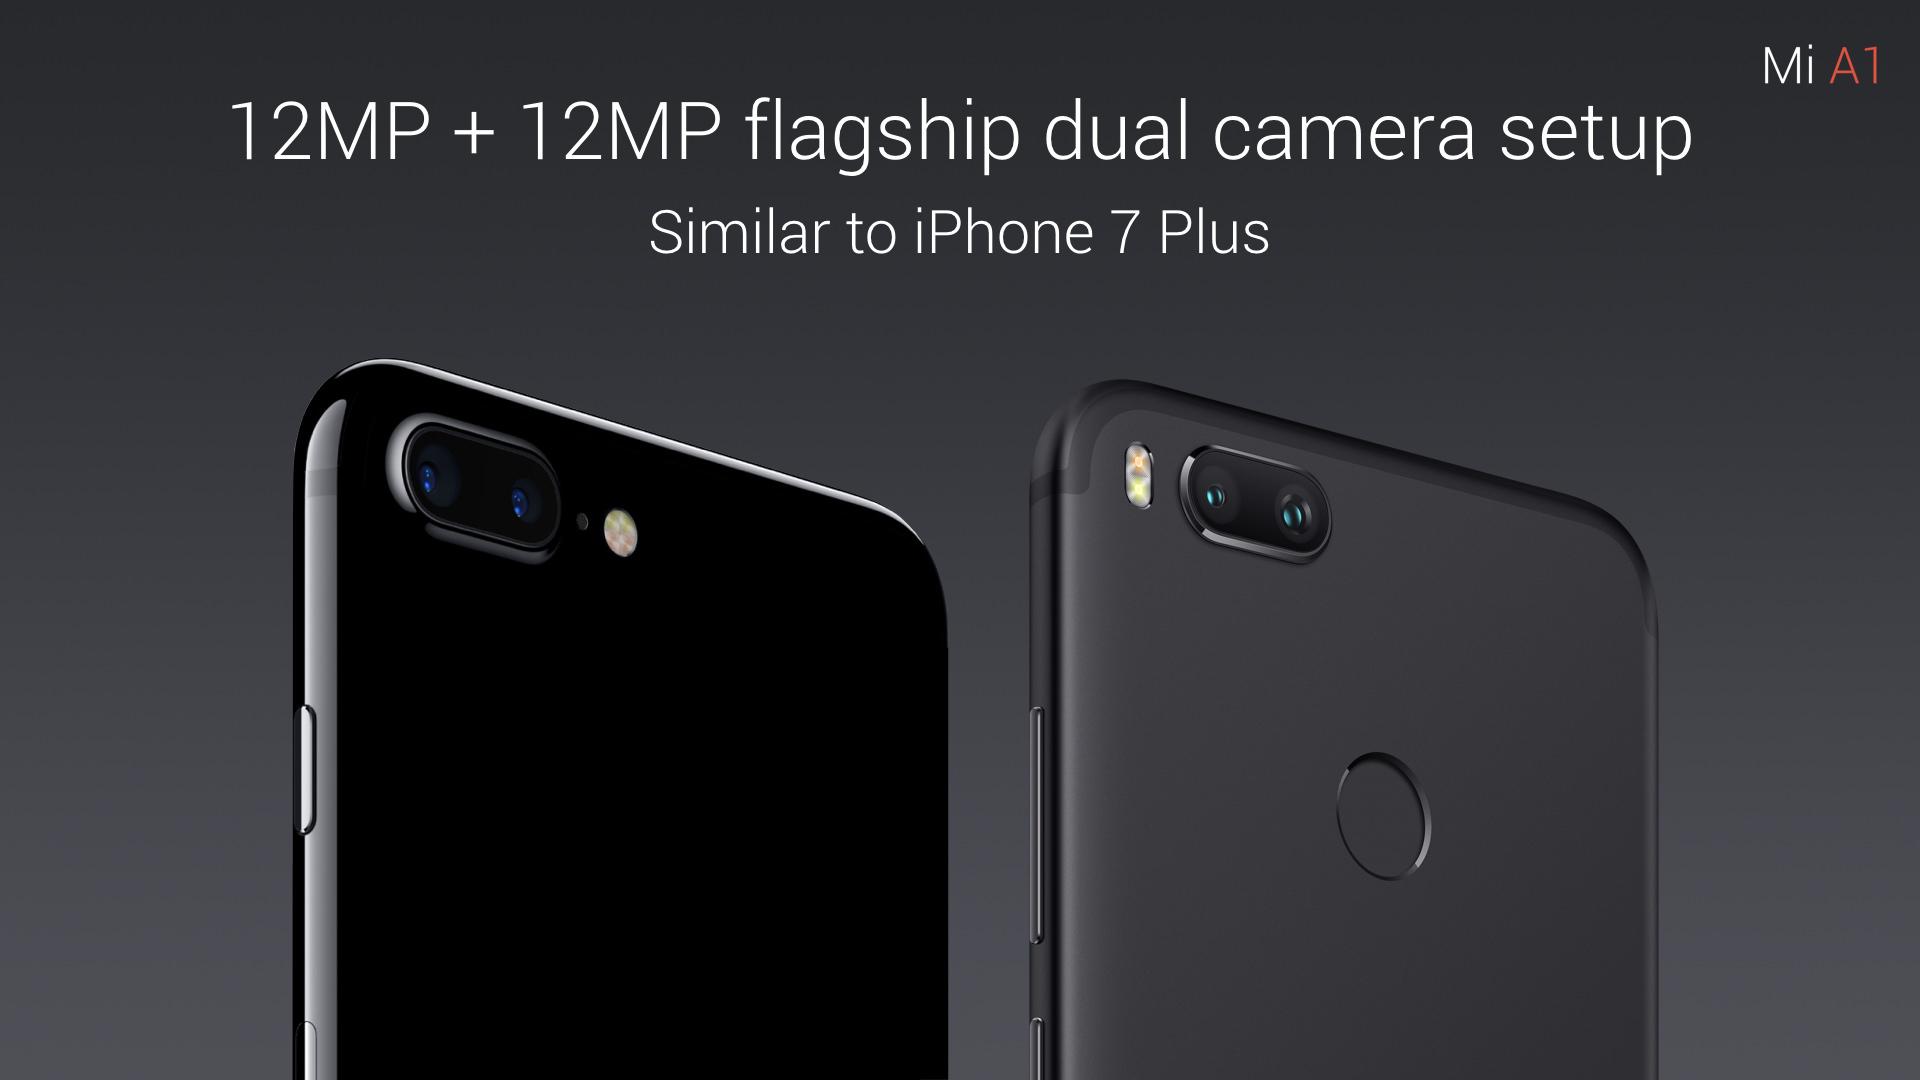 androeid_one端末のXiaomi-Mi-A1デュアルカメラはiphone7plusに似ている